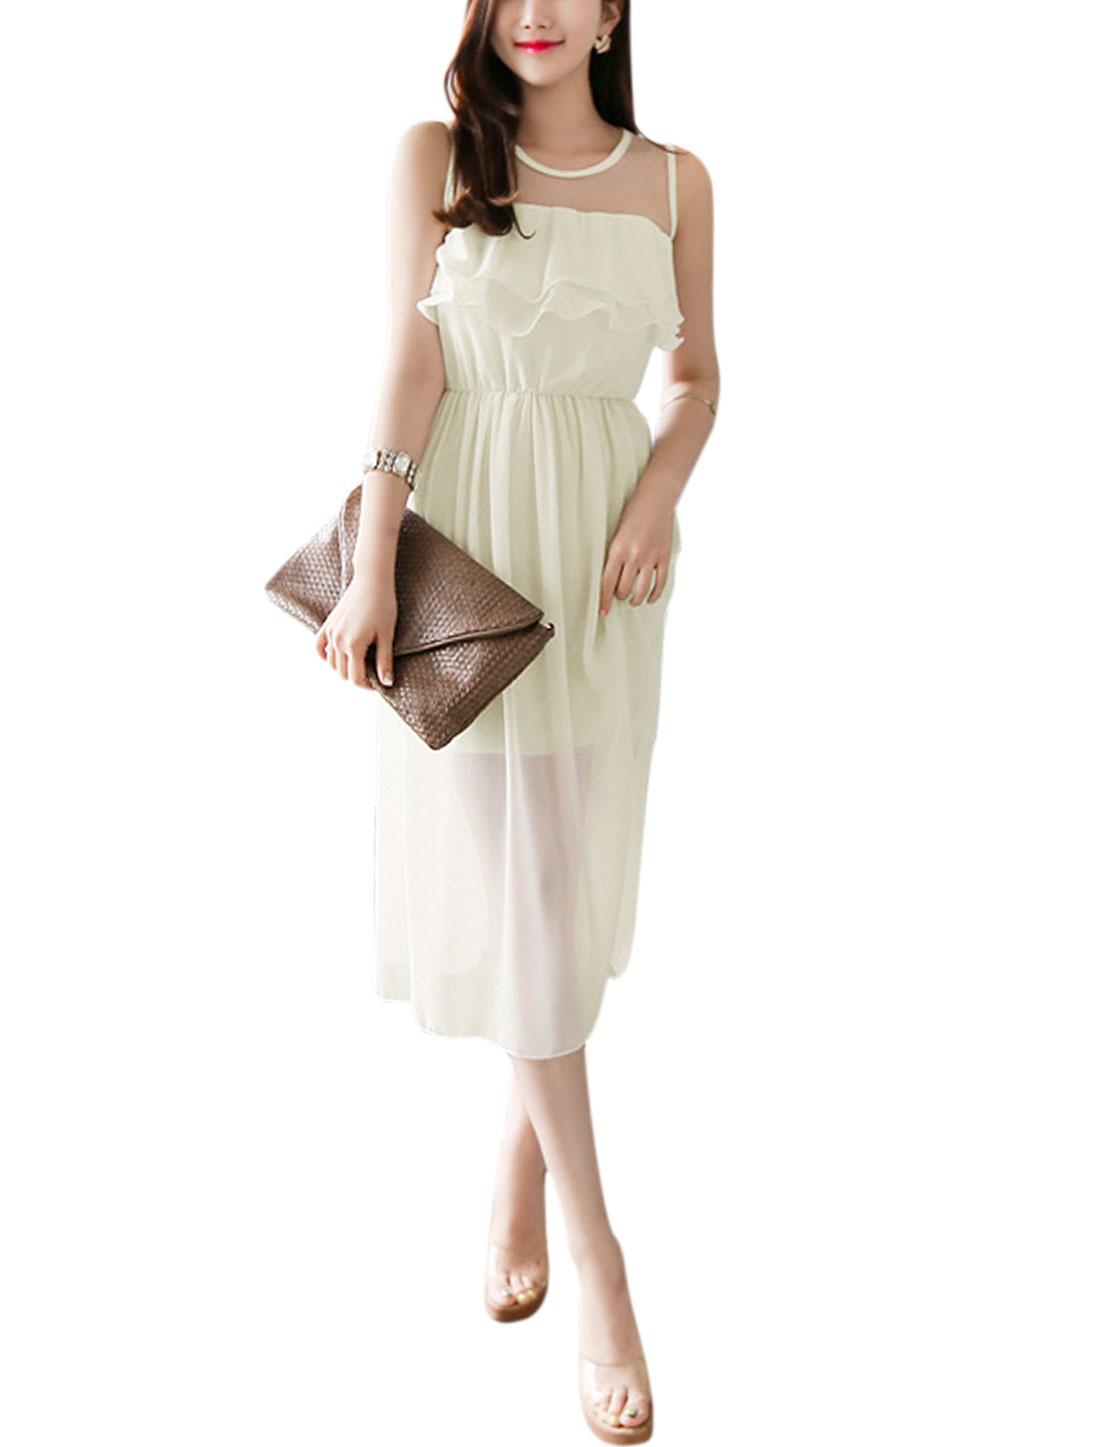 Women Mesh Panel Sleeveless Upper Casual Dresses Off White M